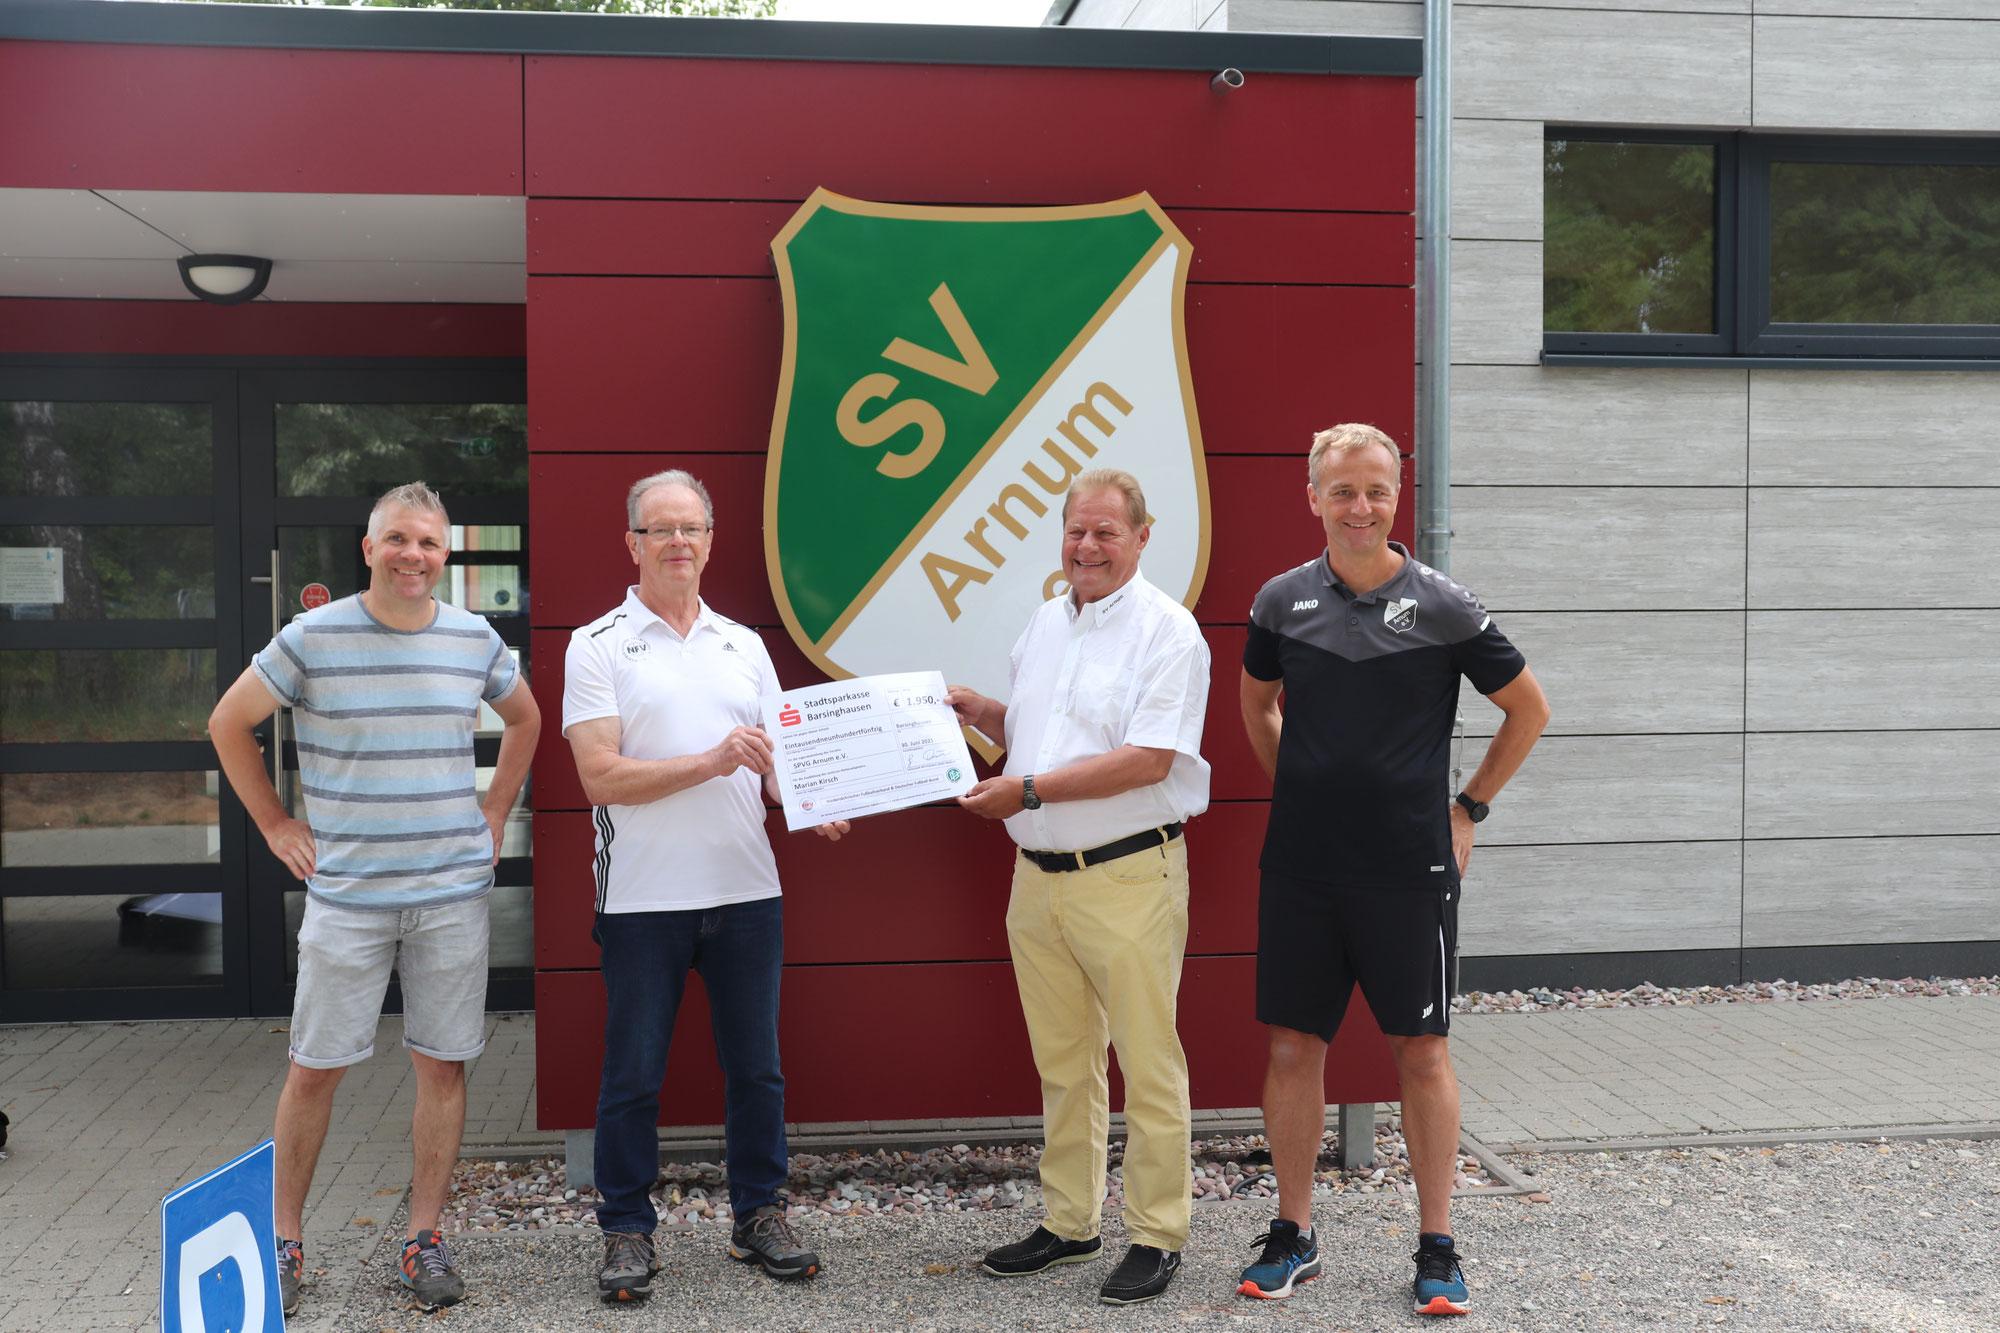 SV Arnum erhält DFB-Talentförderung für Ausbildung von U16-Nationalspieler